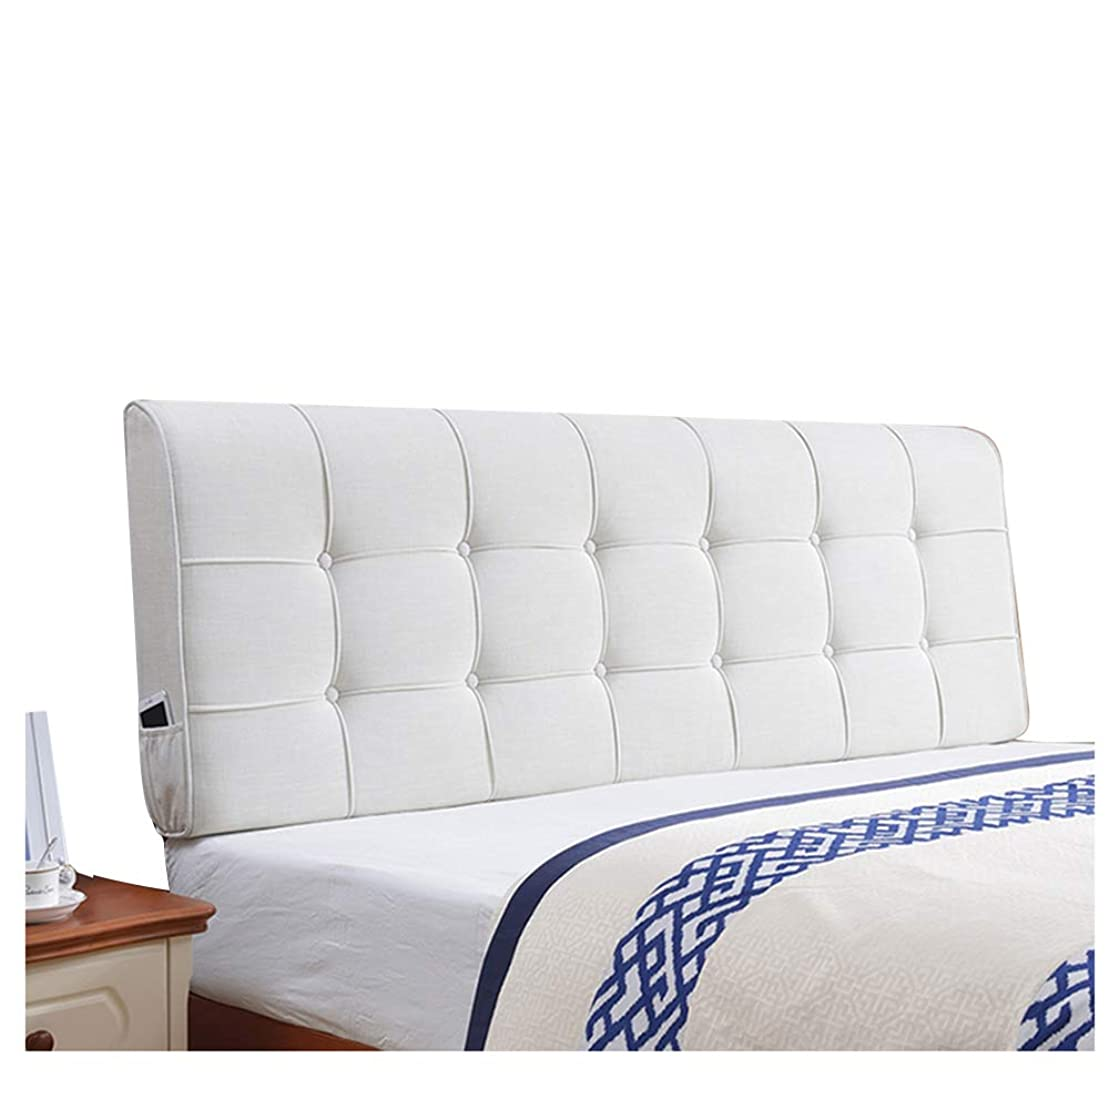 ピラミッド要求する範囲PENGFEI クッションベッドの背もたれ抱き枕 亜麻 壁の装飾 衝突防止、 マジックテープ固定、 10色、 6サイズ (色 : ベージュ, サイズ さいず : 200CM)